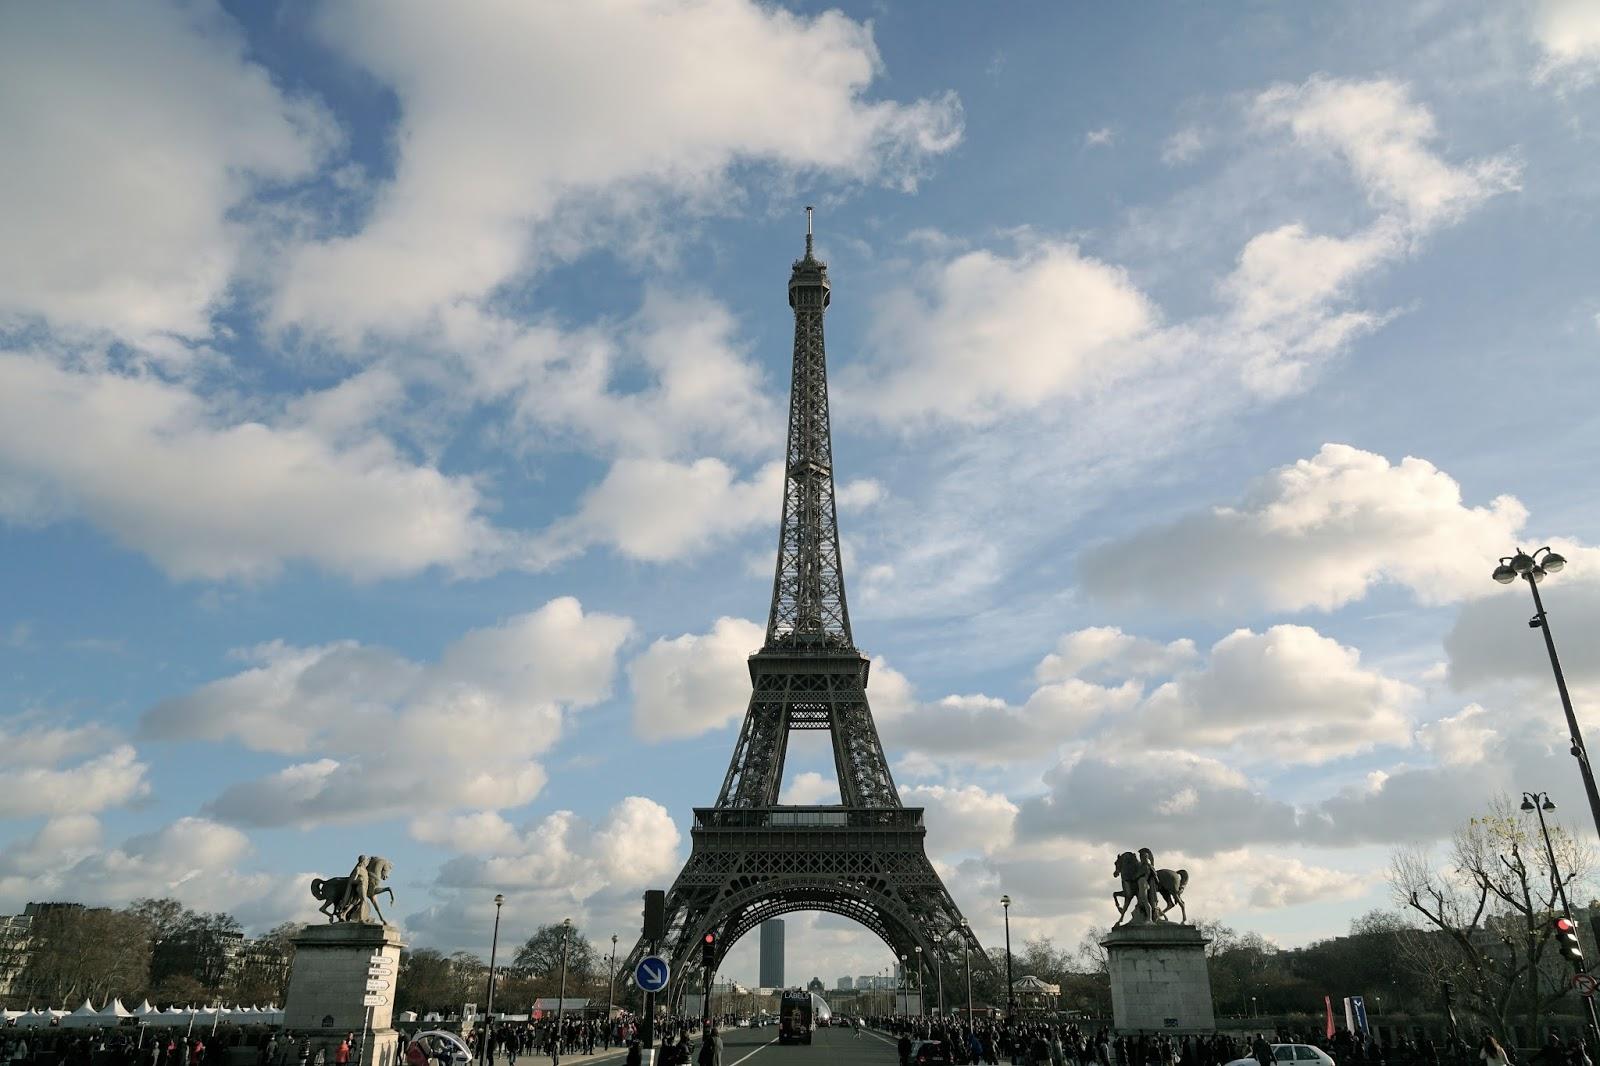 エッフェル塔(La tour Eiffel) イエナ橋(Pont d'Iéna)の上から振り返った景色